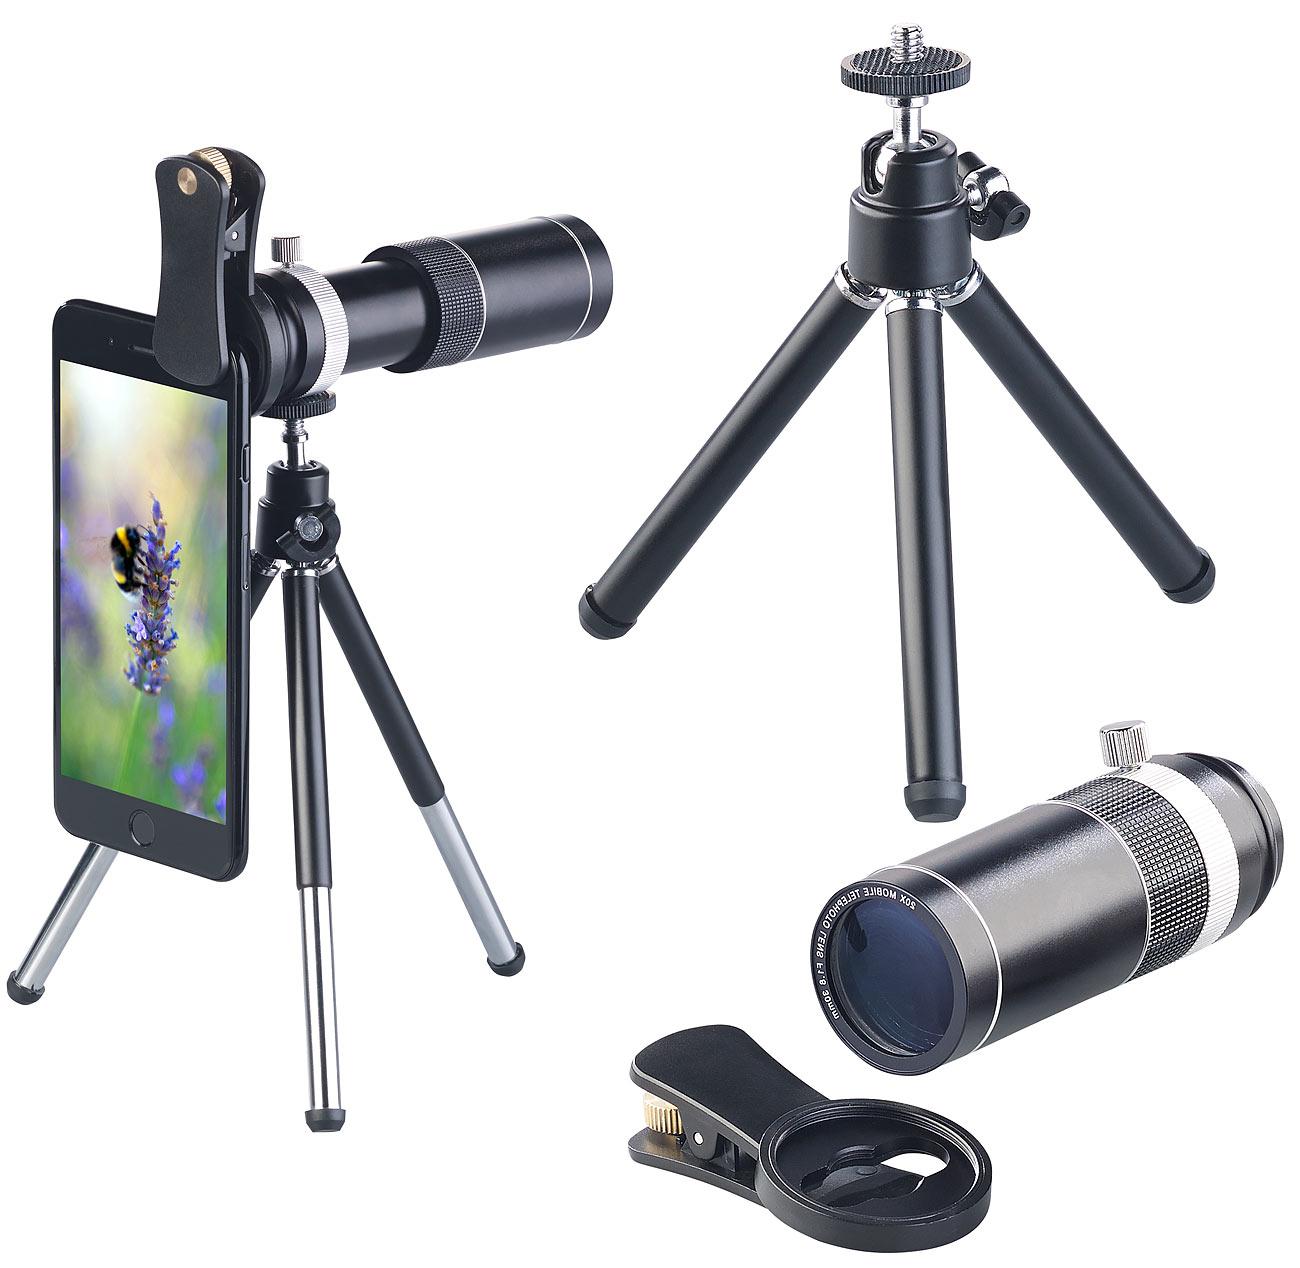 Somikon Vorsatz-Tele-Objektiv 20x CVL-200.tel für Smartphones, www.pearl.de